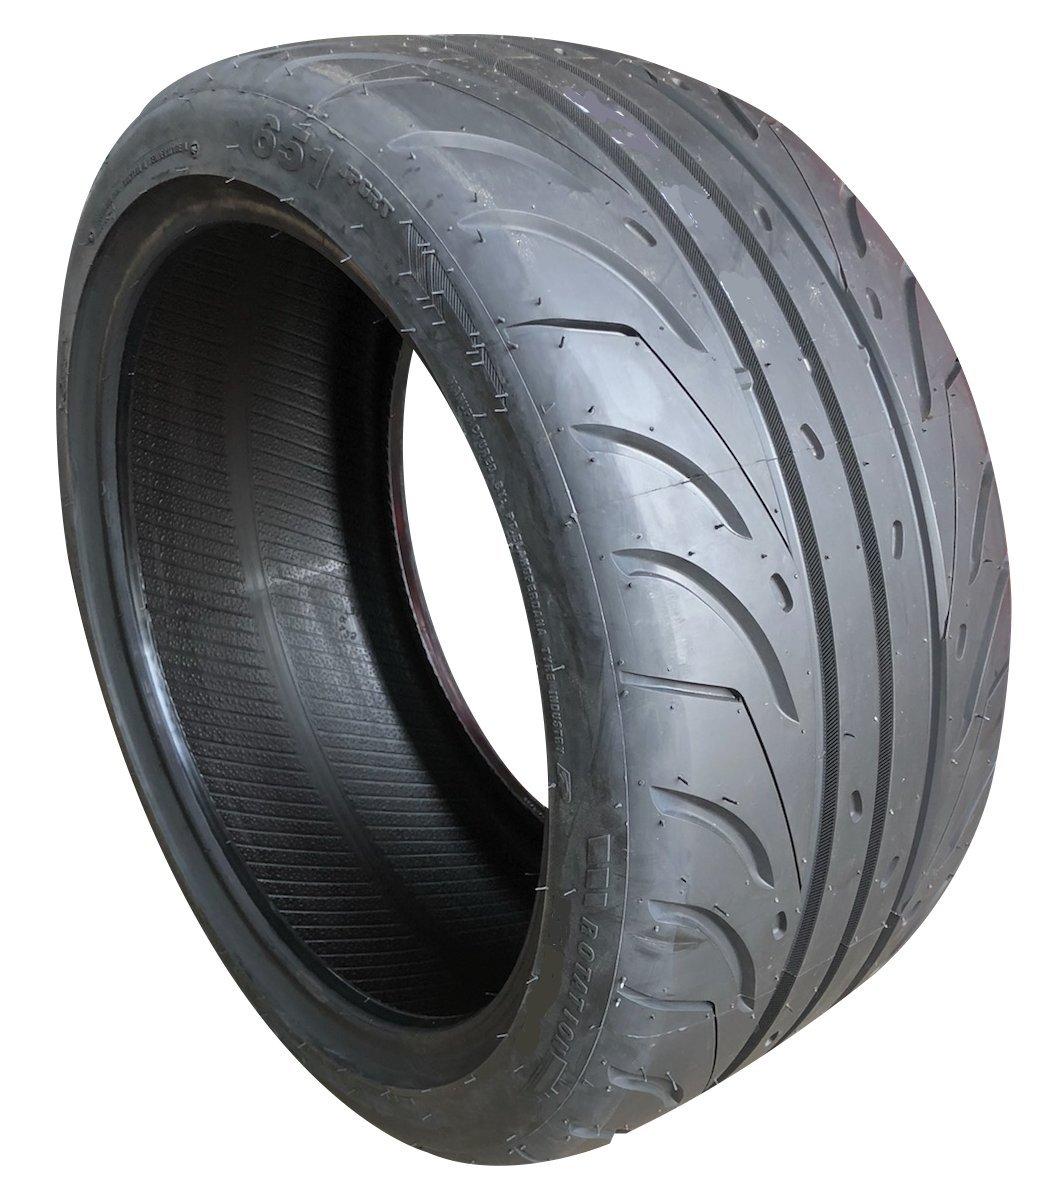 アクセレラ(Accelera) サマータイヤ 651SPORT(スポーツ) 195/50R16 84W 5692 B077ZDMBG7